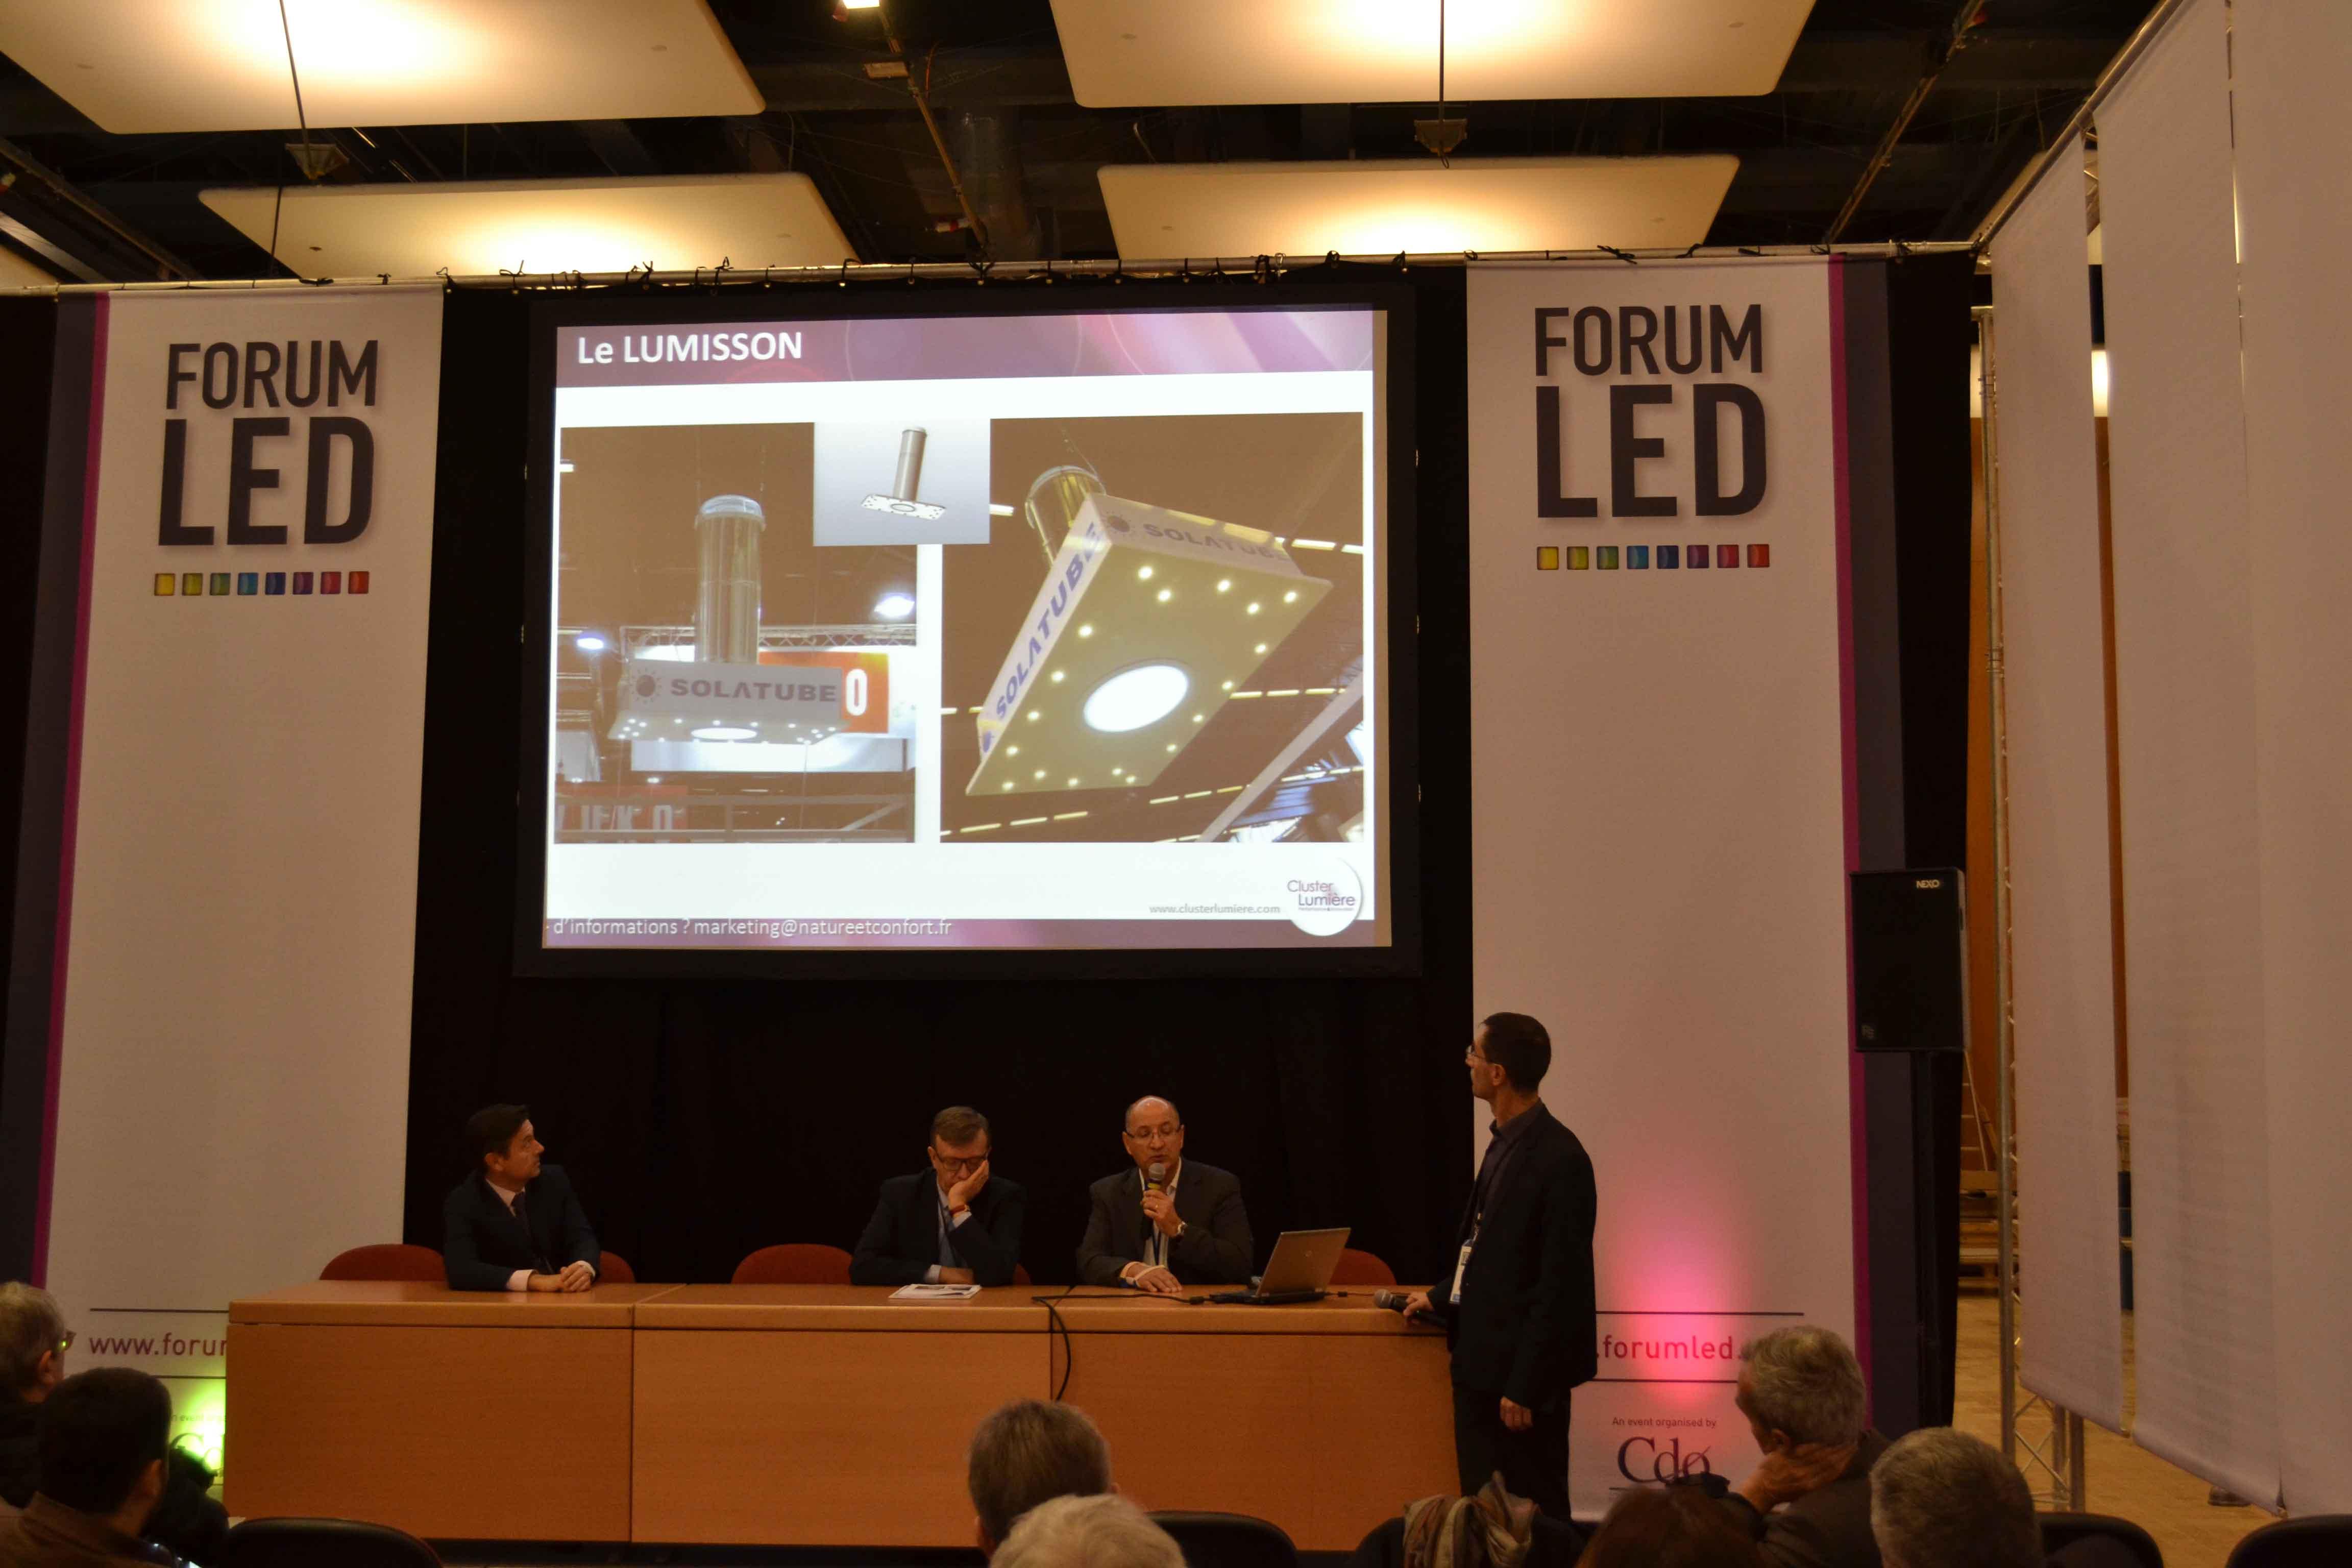 Présentation du LUMISSON lors du Forum LED Europe